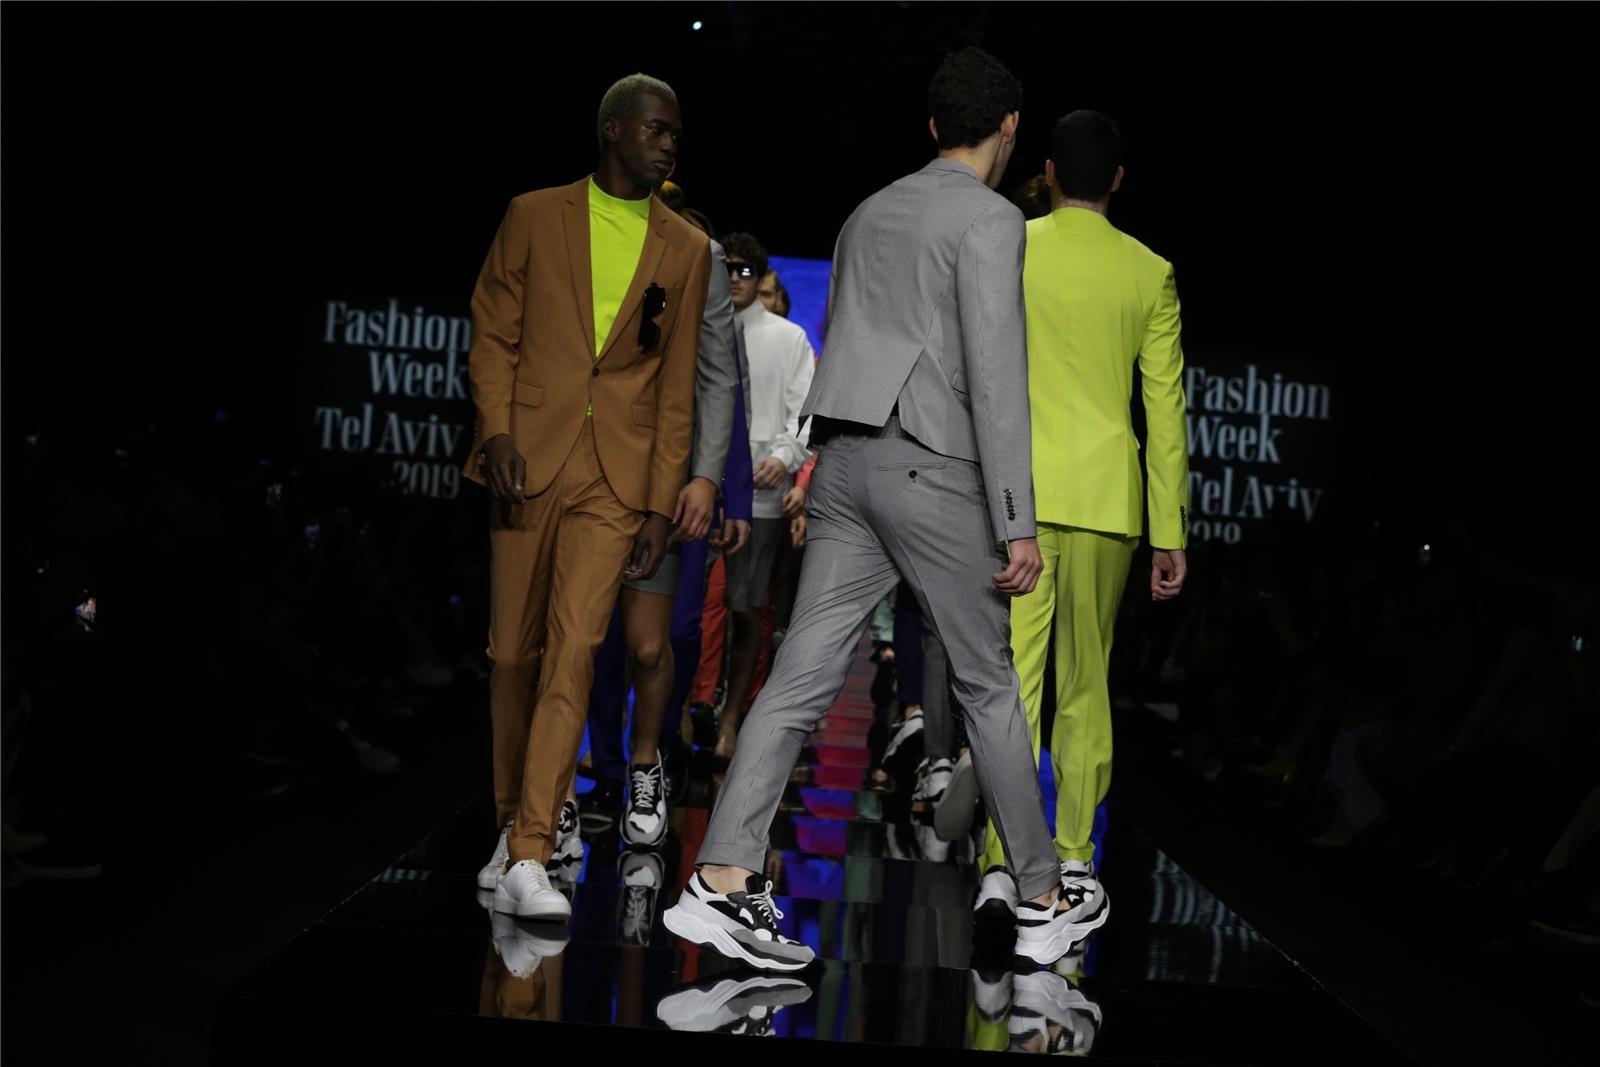 חליפות של באמוס (צילום: אבי ולדמן)